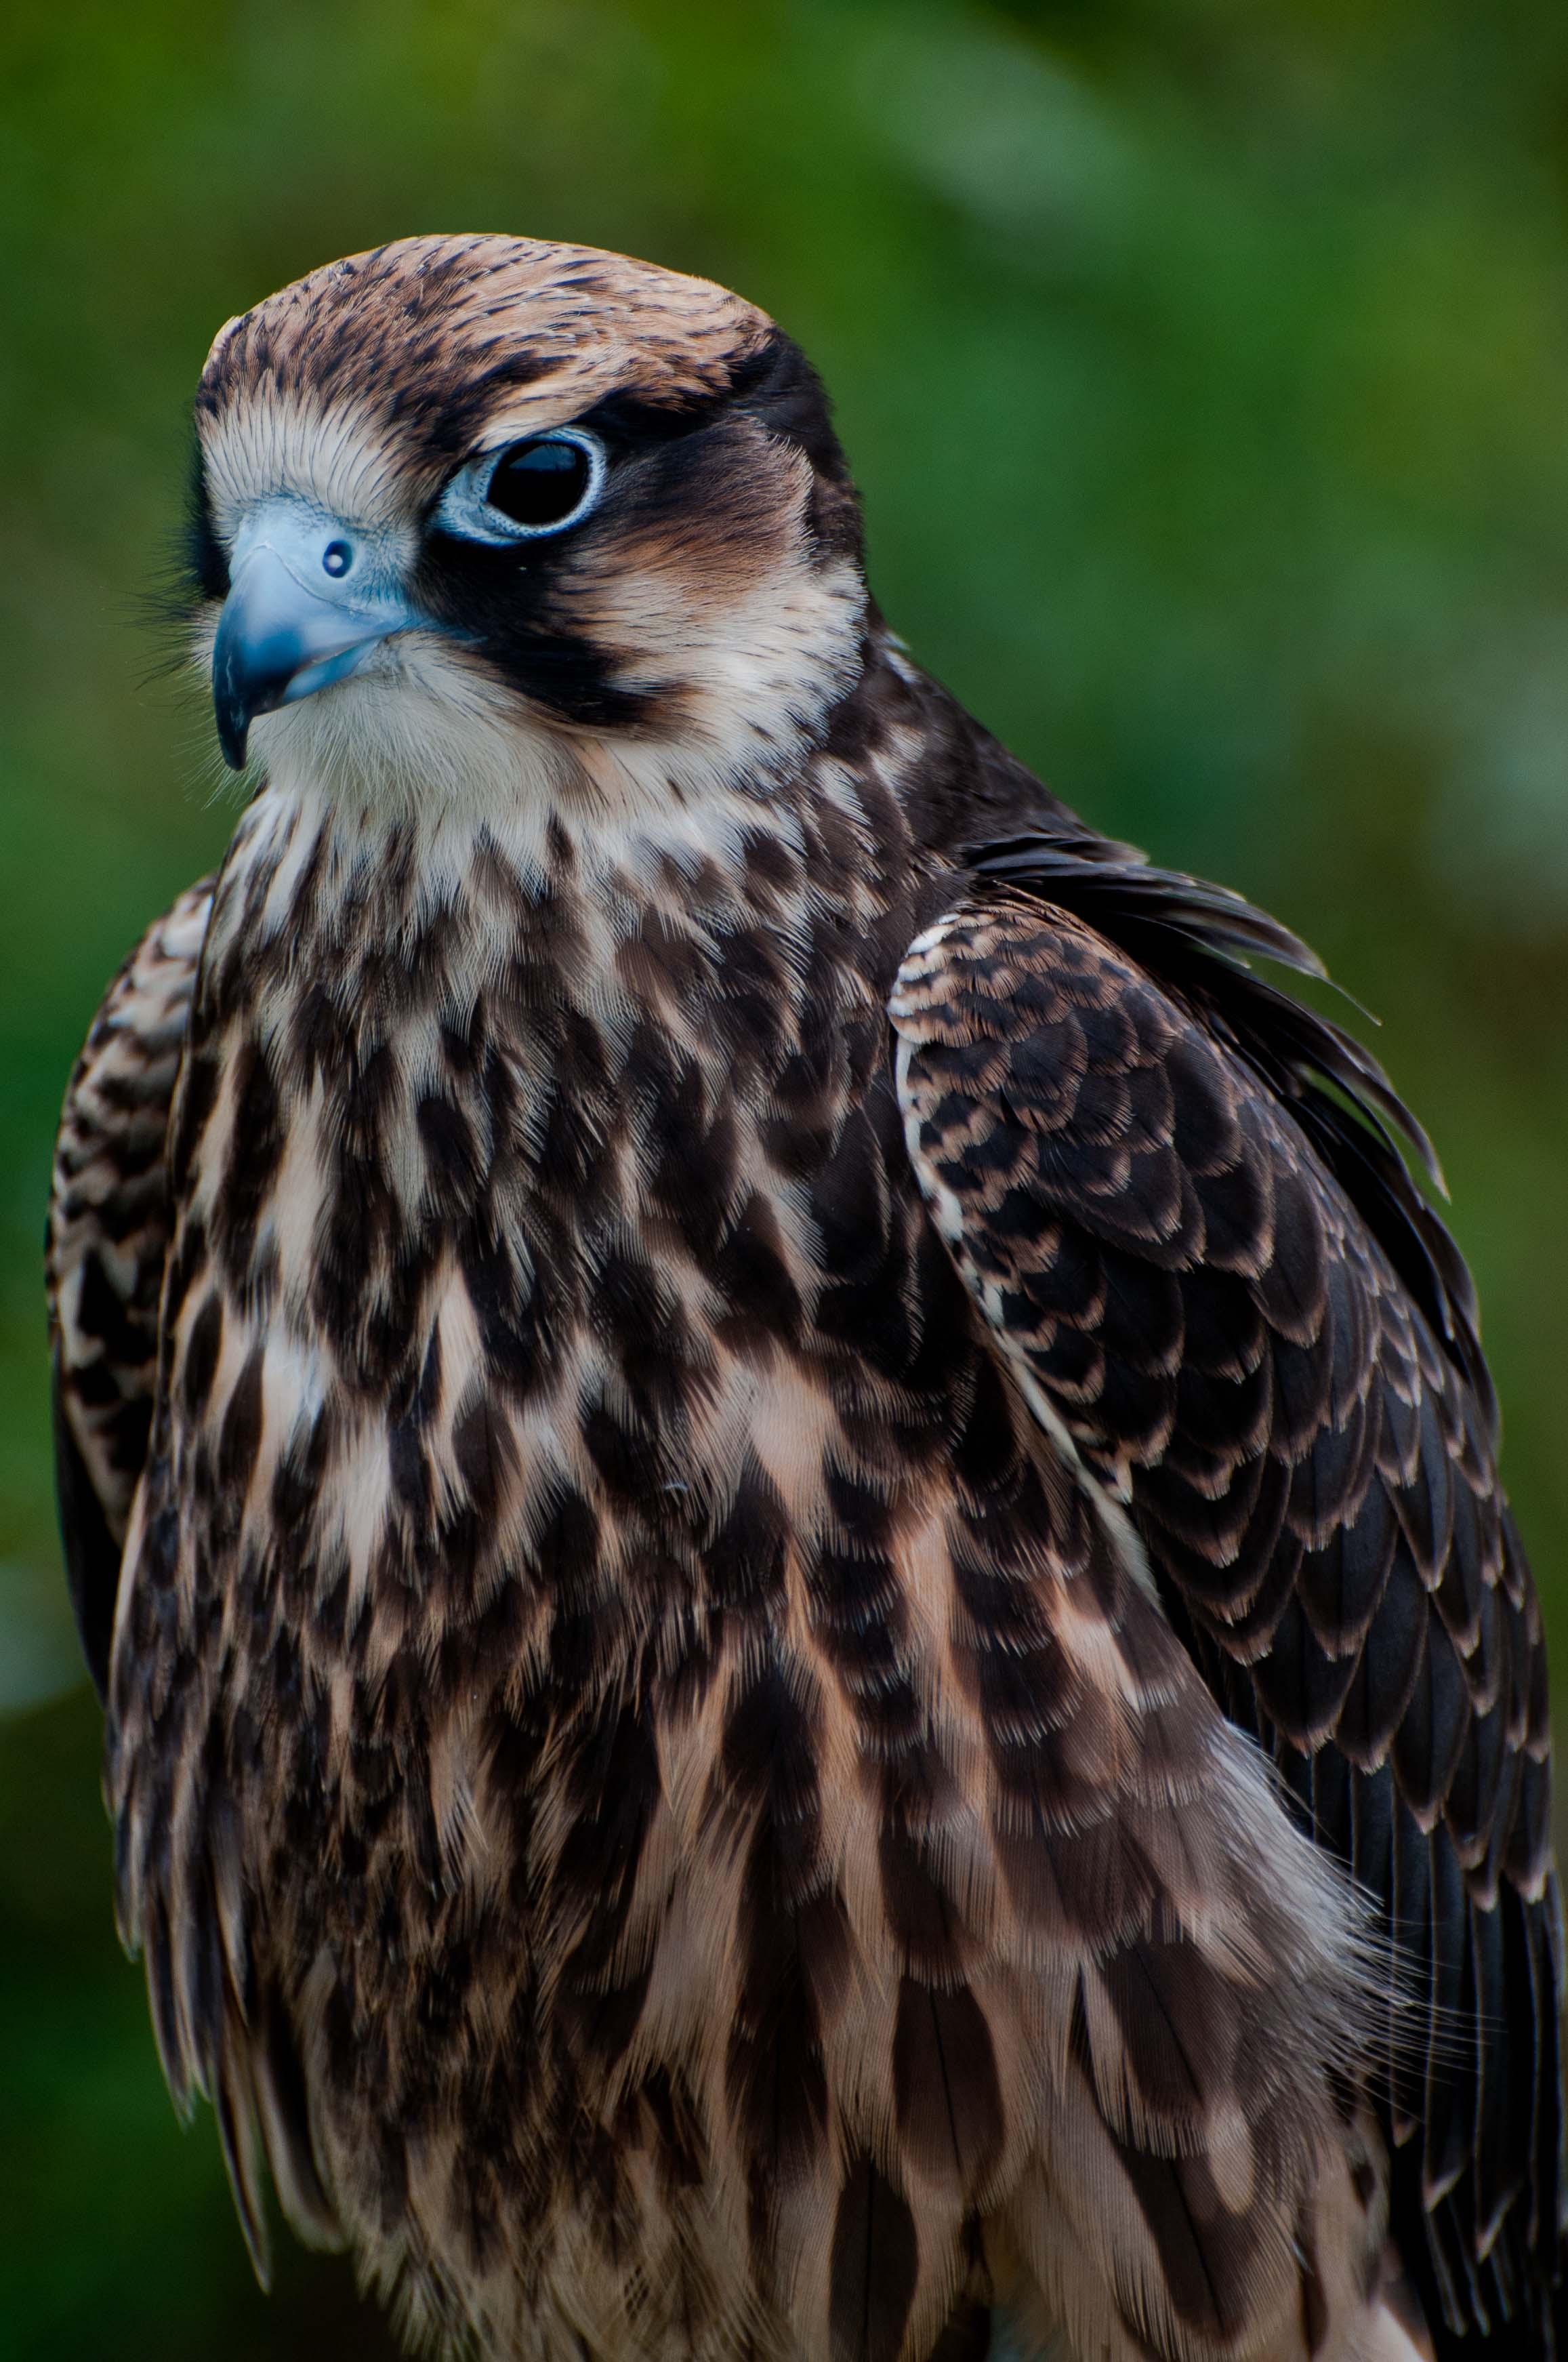 Falcon_lanier_falcon_6880